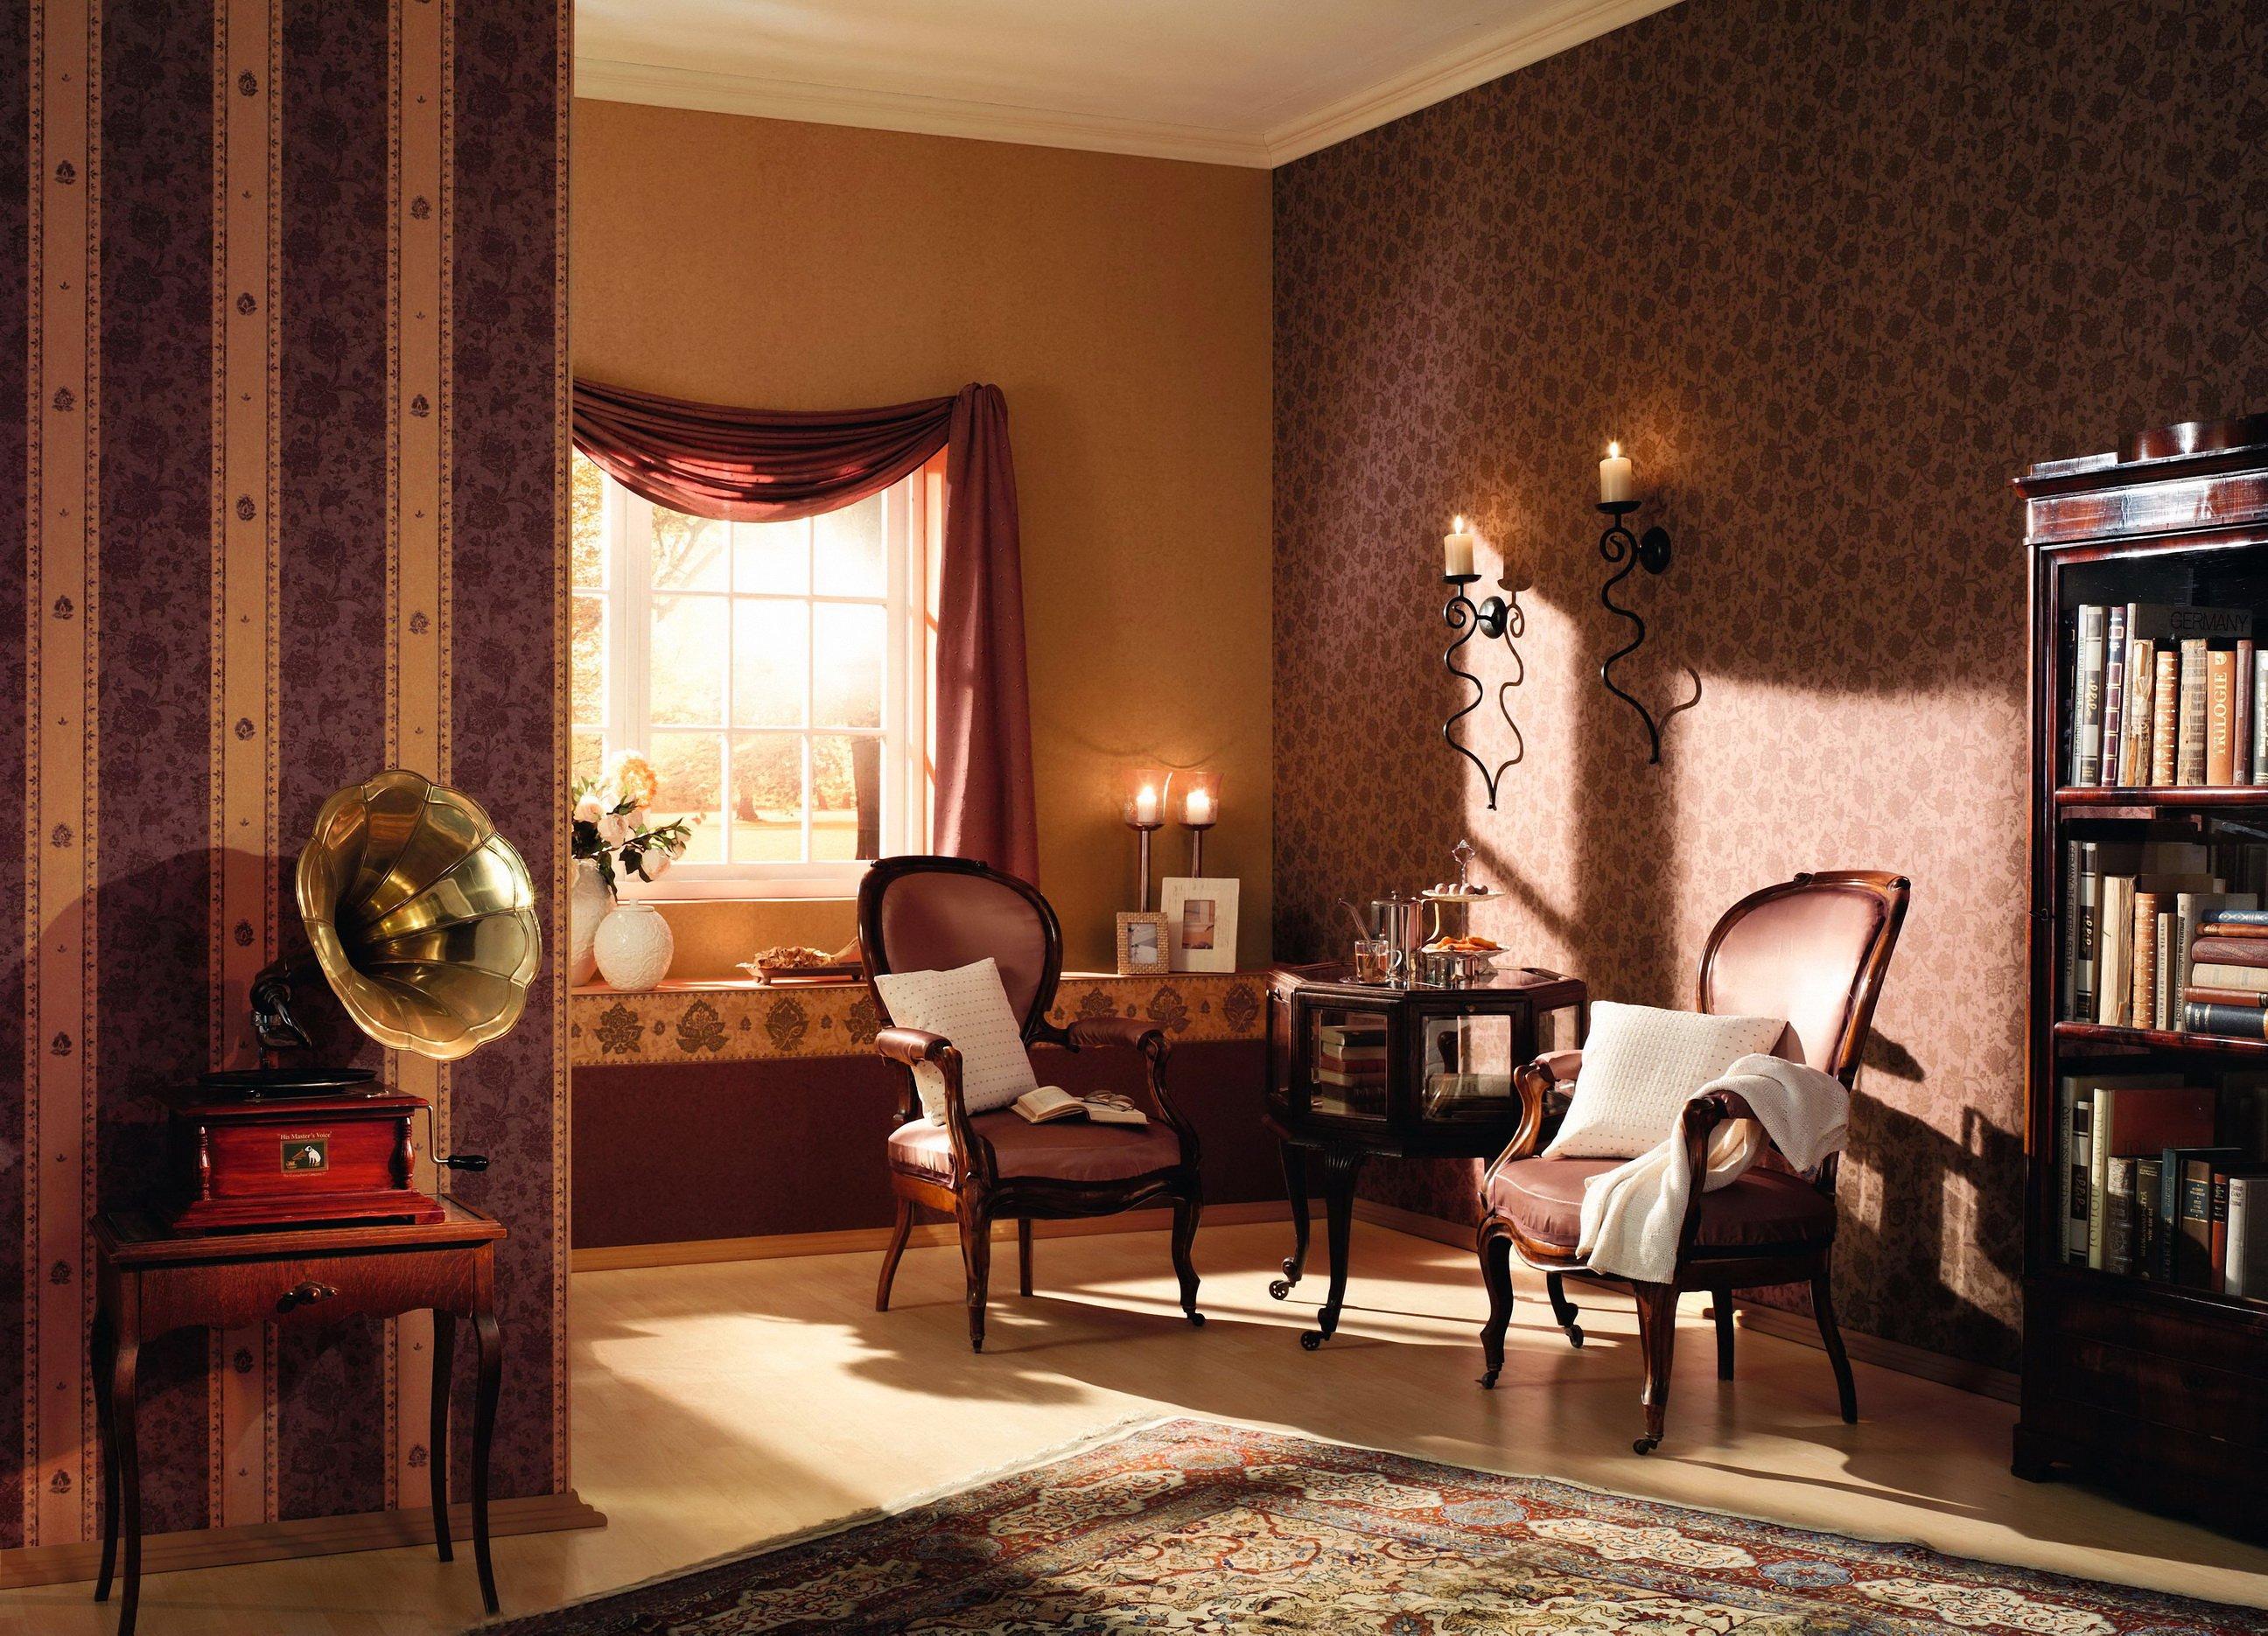 лёгкого комната в ретро стиле картинки смерч может возникнуть